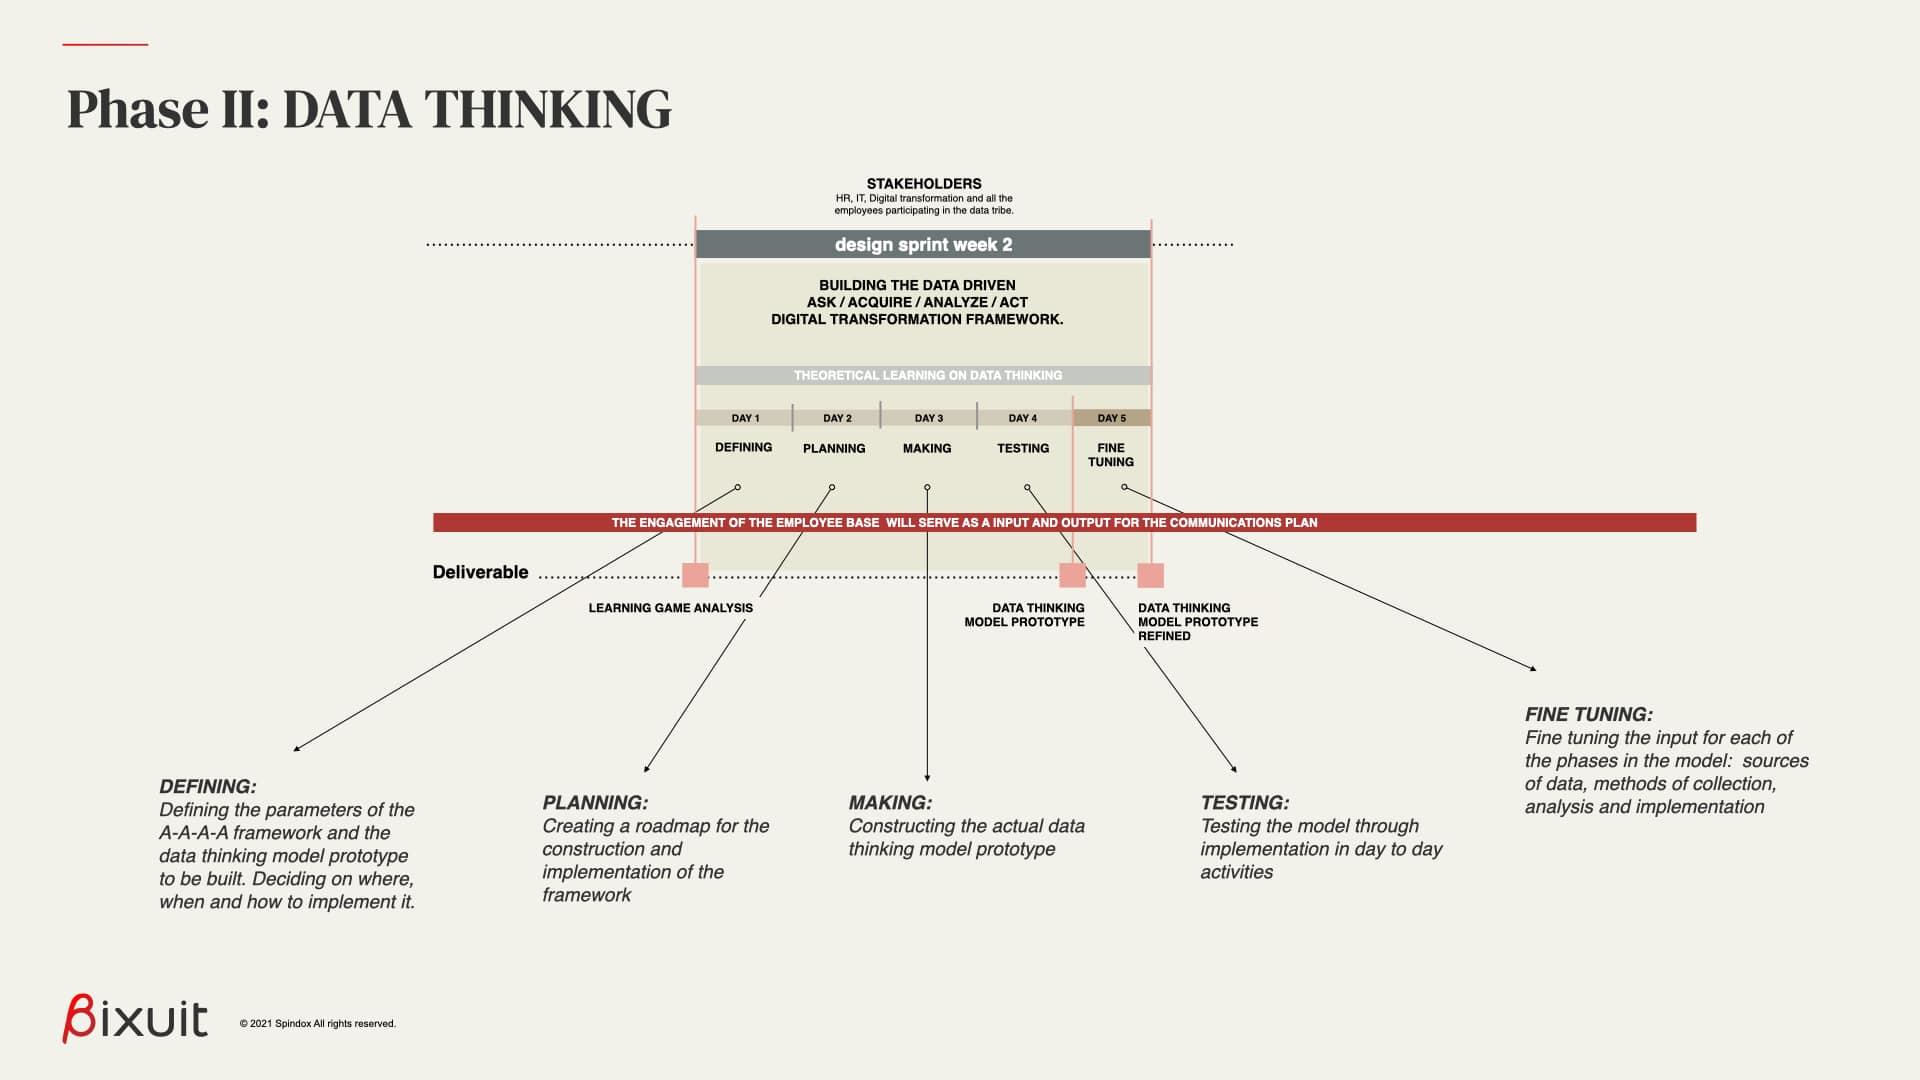 nella fase di data thinking si inizia a costruire un modello per la digital transformation basato sui dati